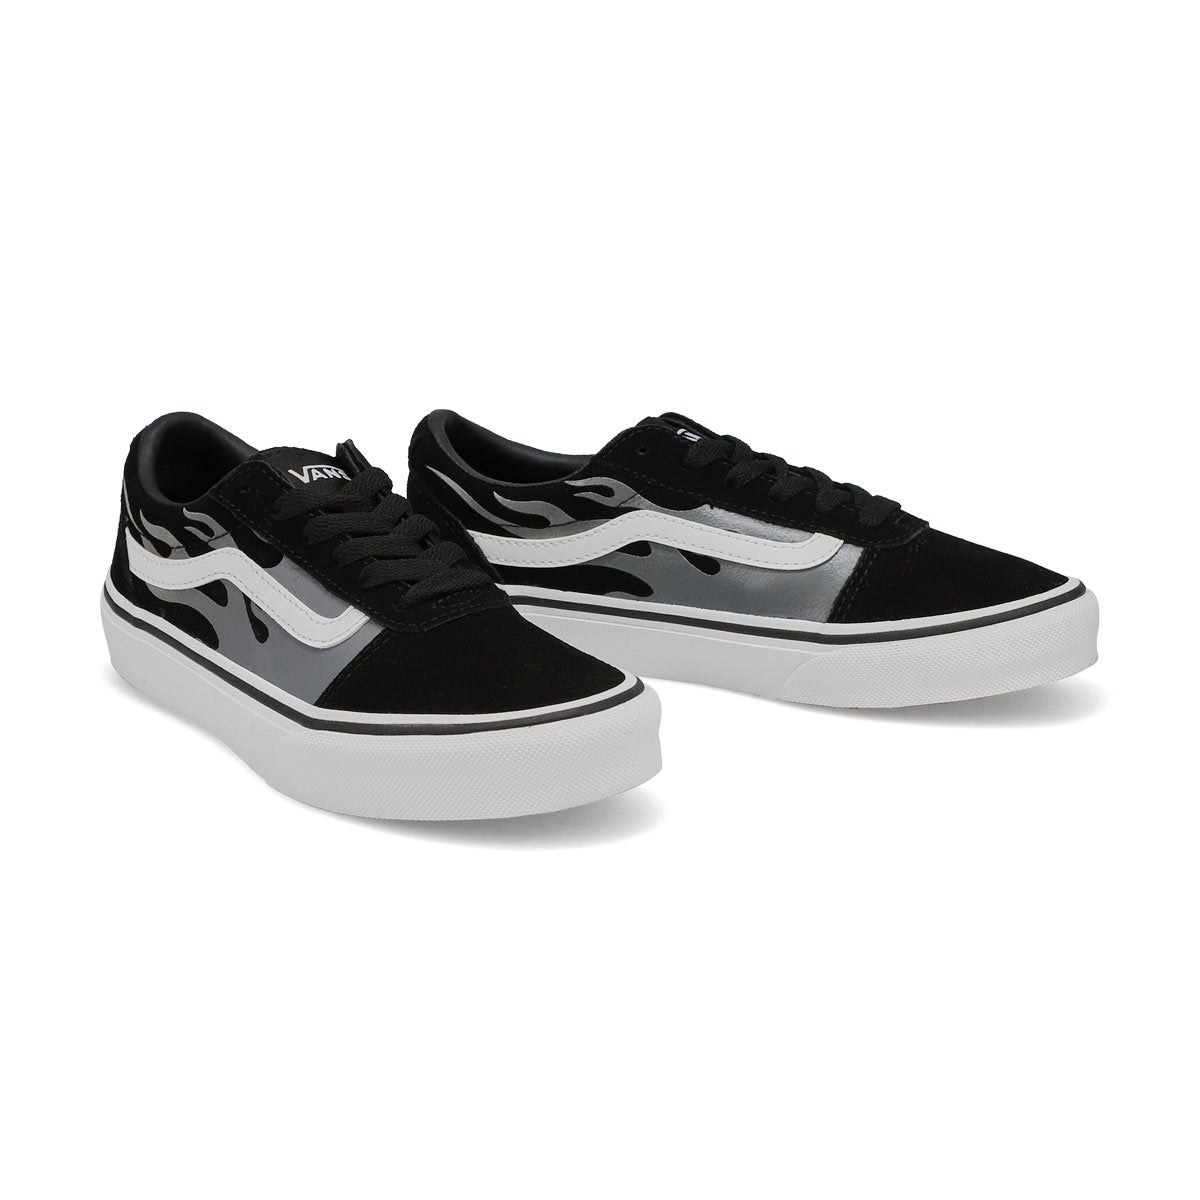 Boys' Ward Sneaker - Black/White Flame